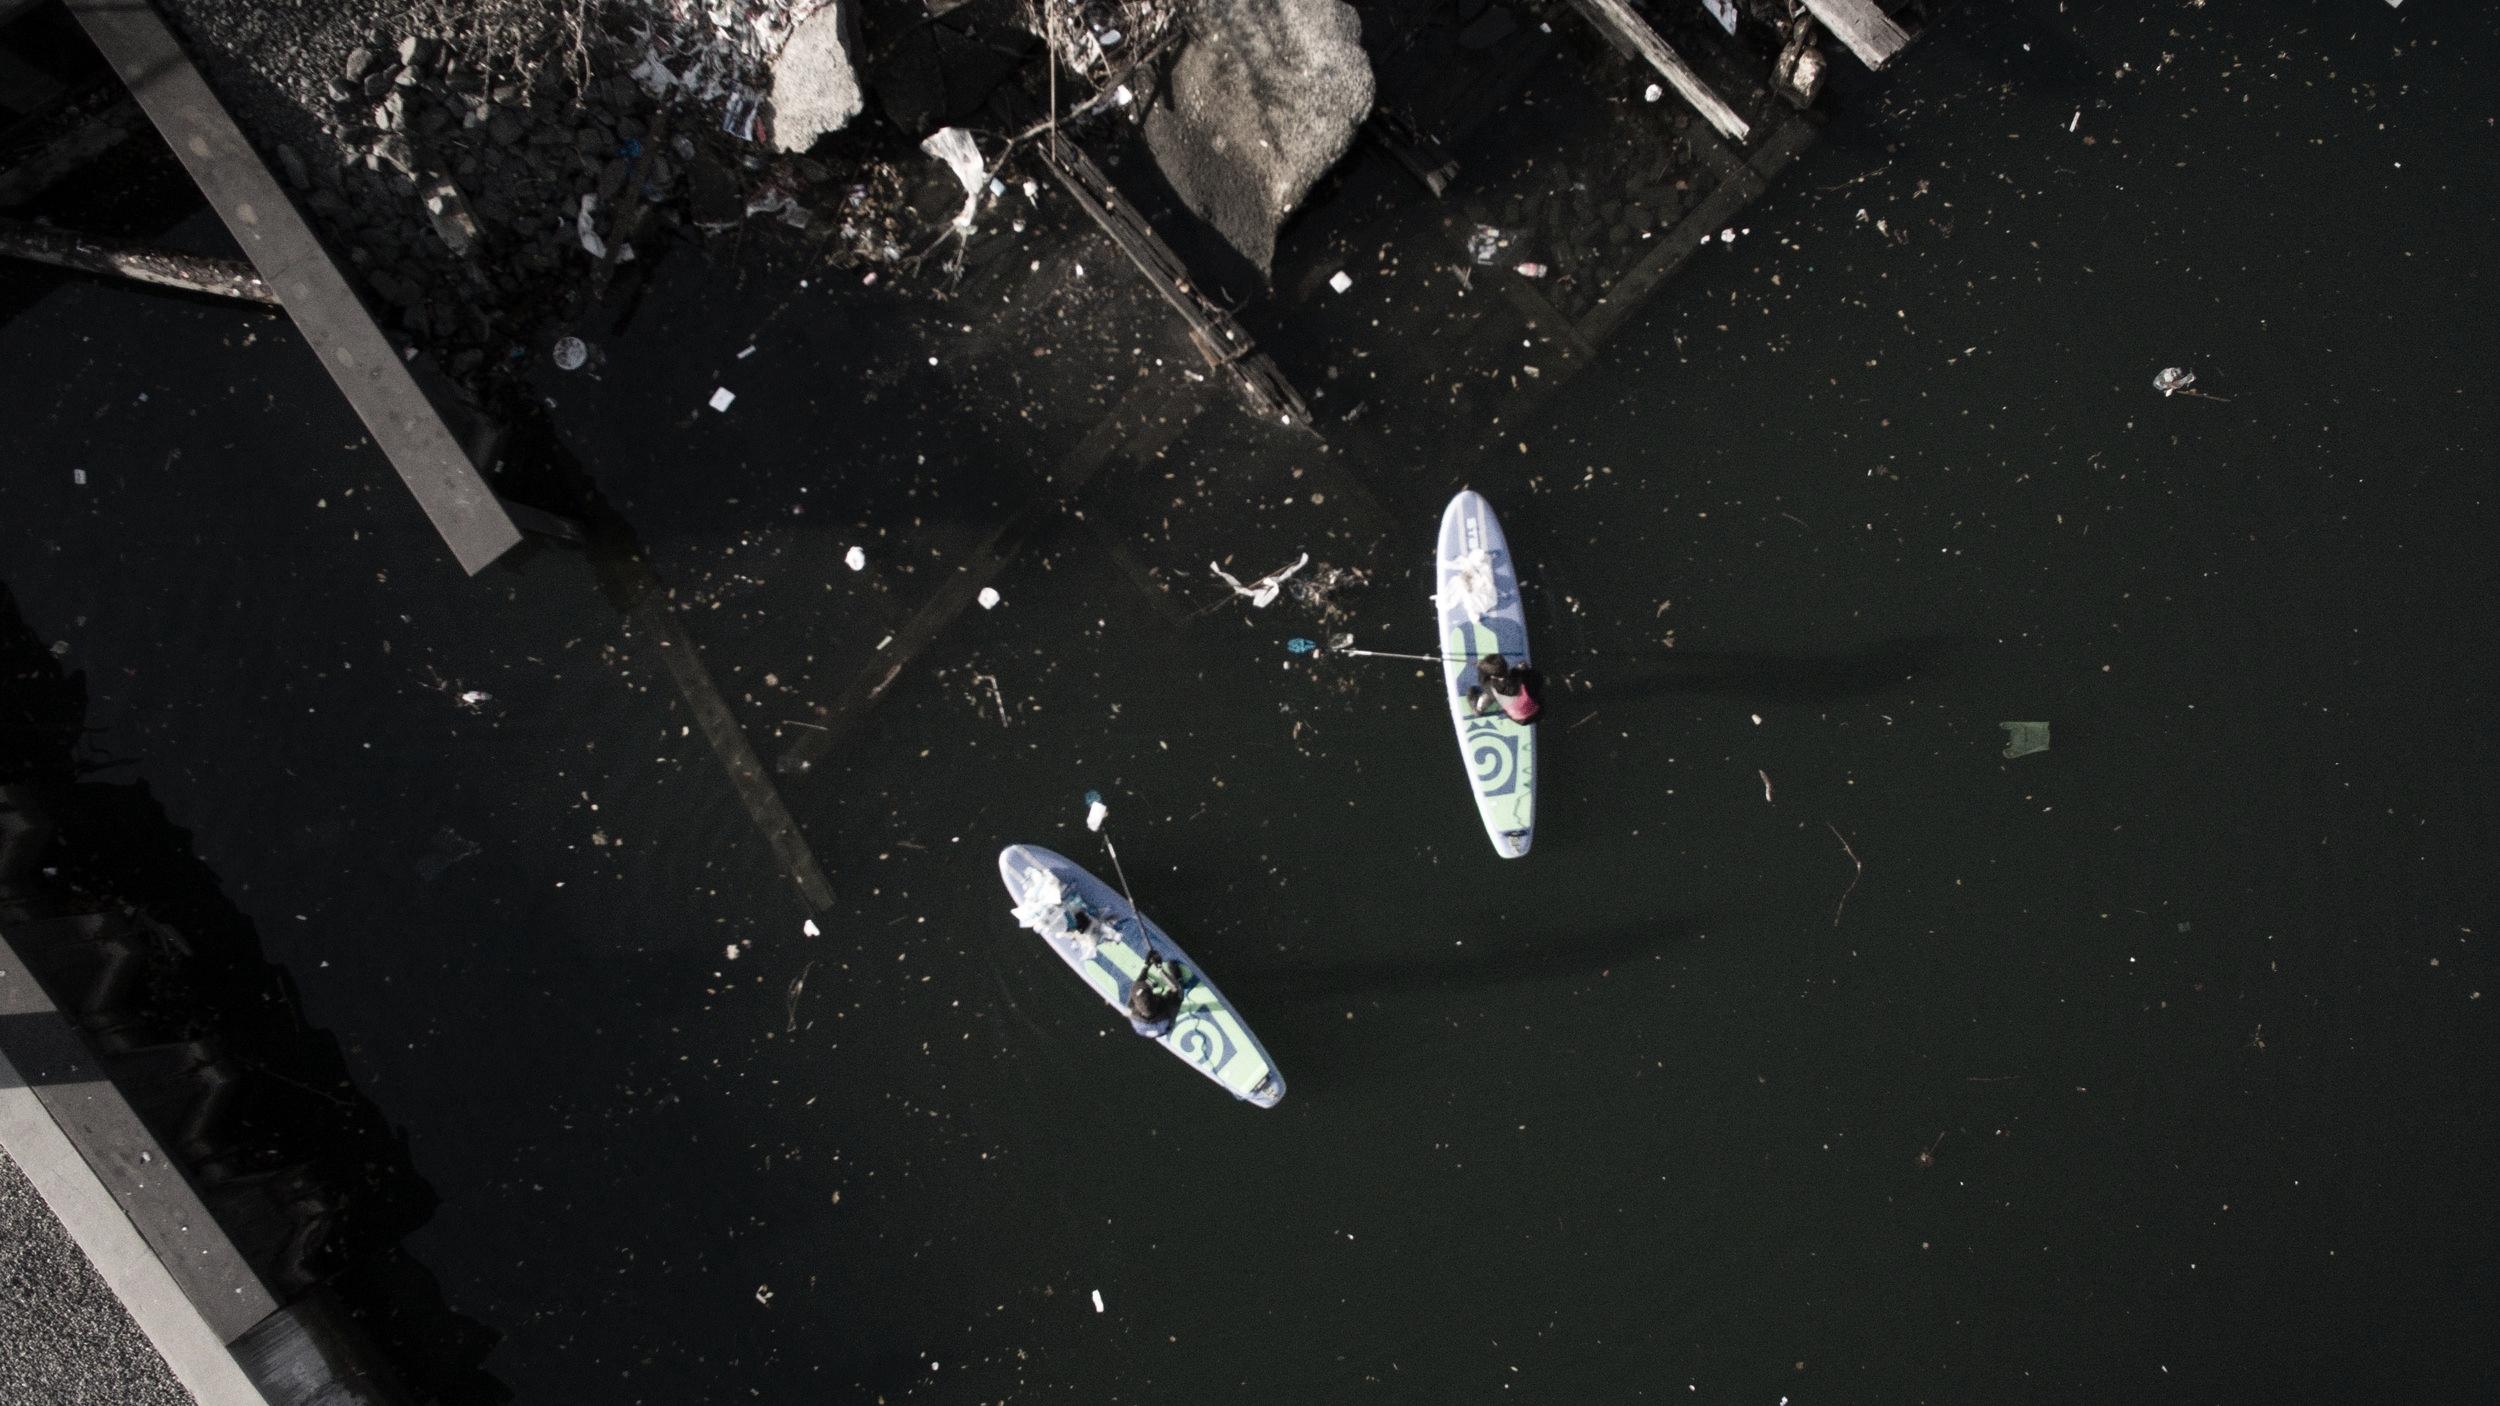 Sam-and-Gary-Bencheghib-in-Newtown-Creek_12-02-17_Photo-by-Eliana-Alvarez-Martinez.jpg